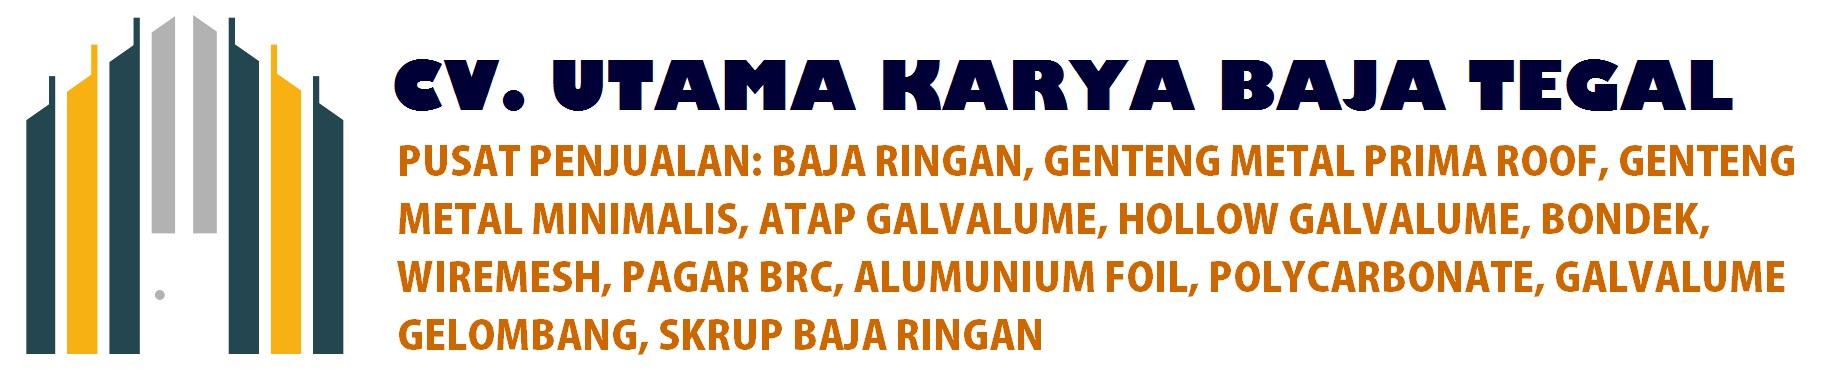 CV. Utama Karya Baja